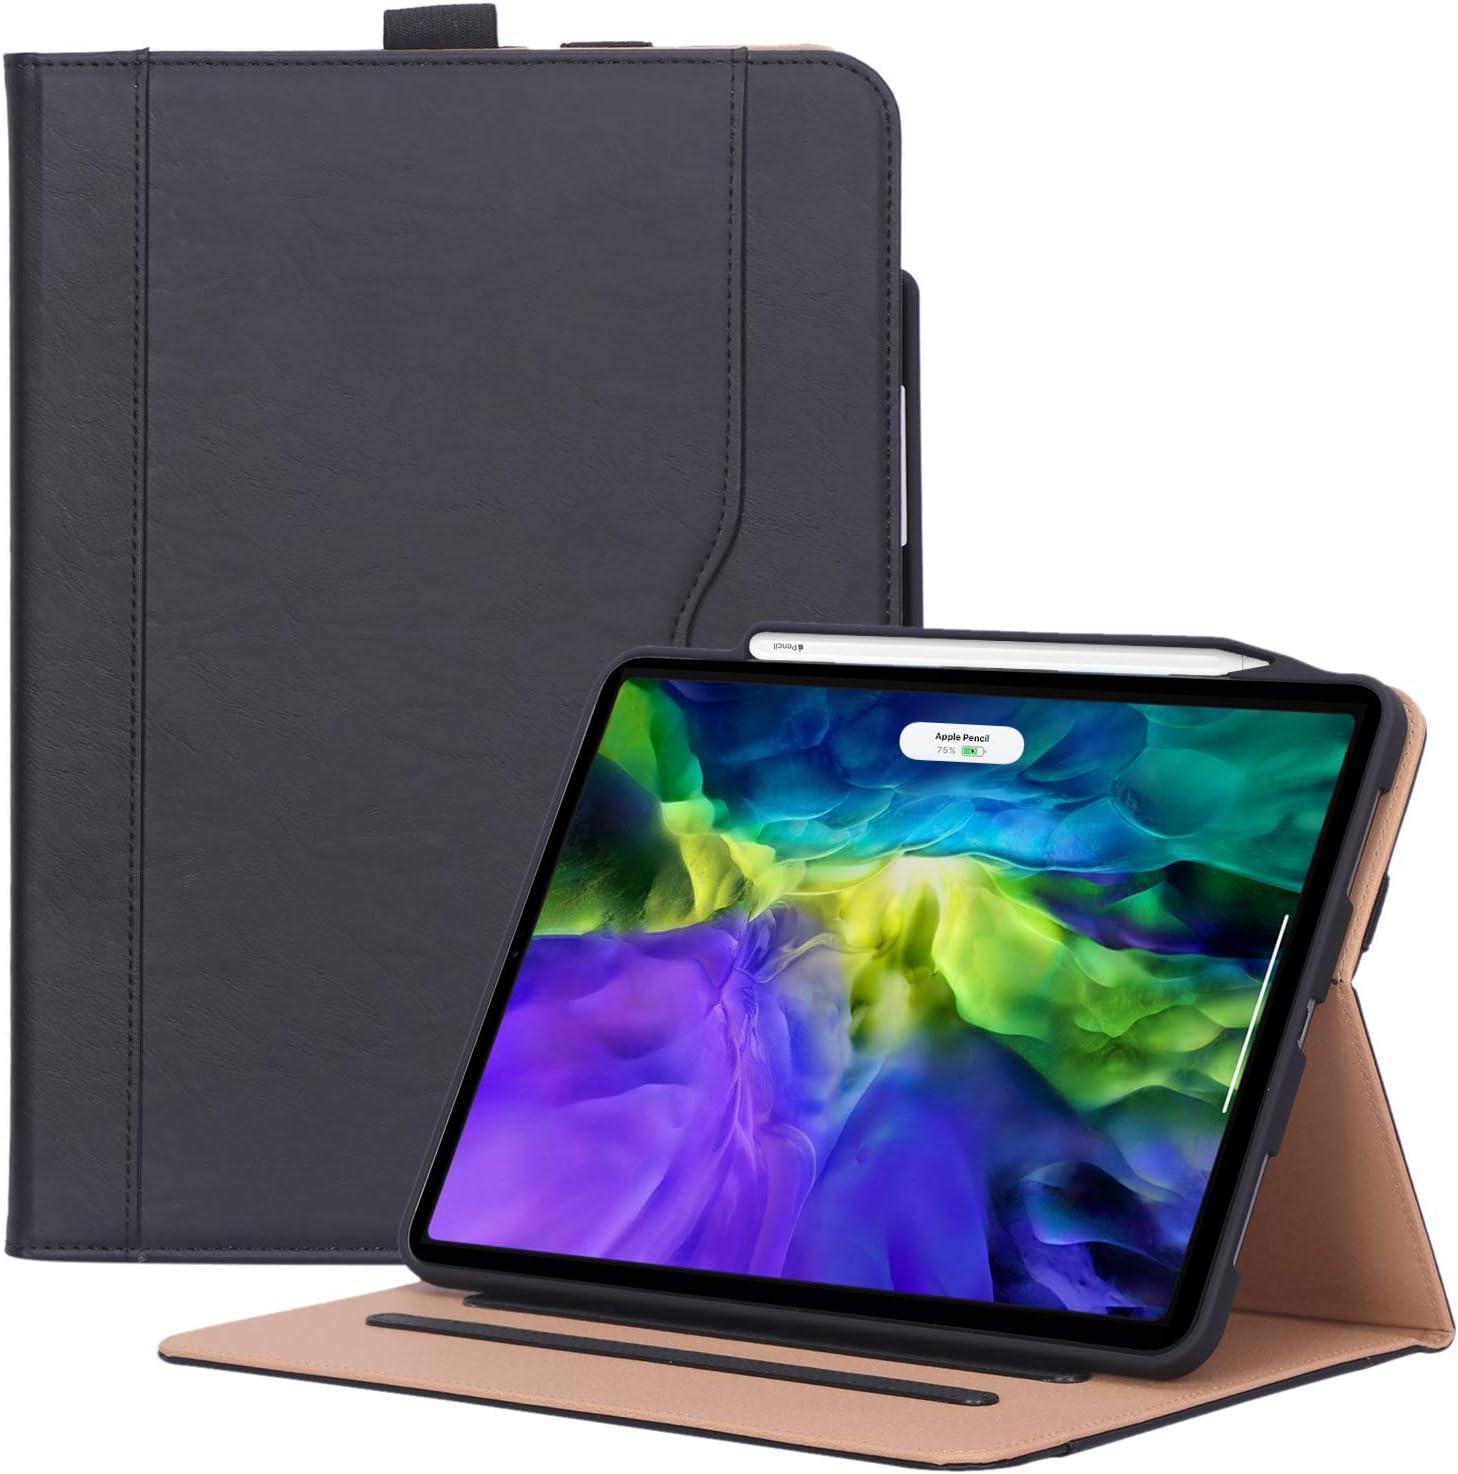 ProCase Funda Cuero PU para iPad Pro 11 2020, Carcasa Tipo Libro con Portalápiz/Suspensión Automática, Apoya Carga Apple Pencil 2, para iPad Pro 11